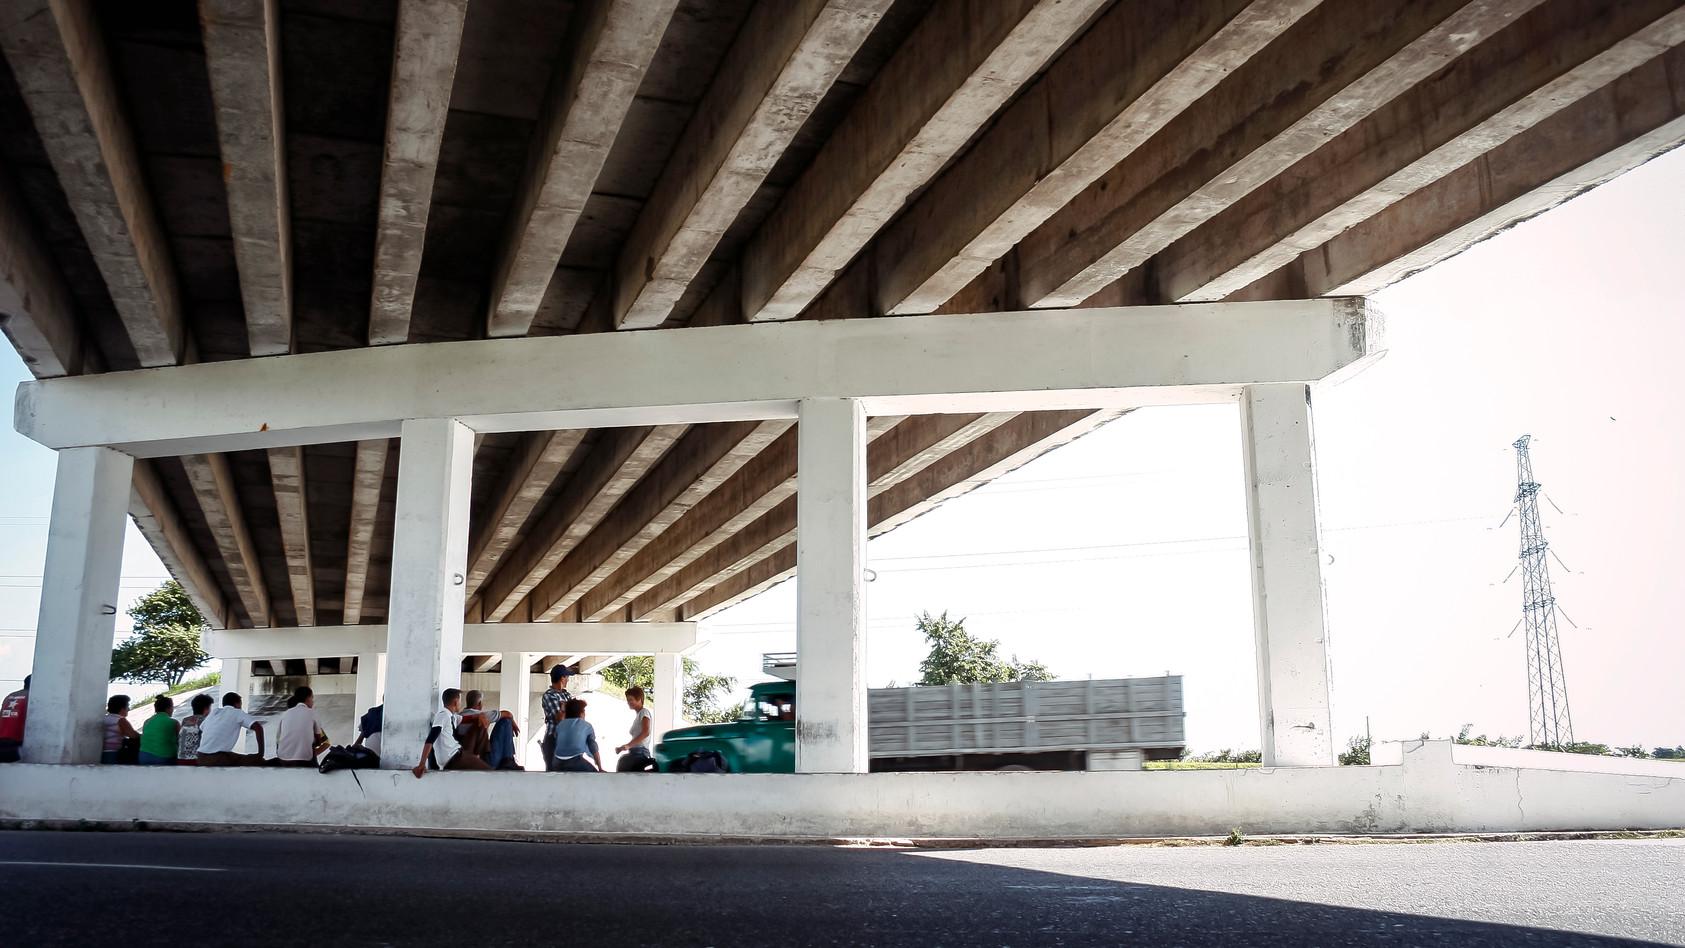 Paradero de buses Pinar del Río I